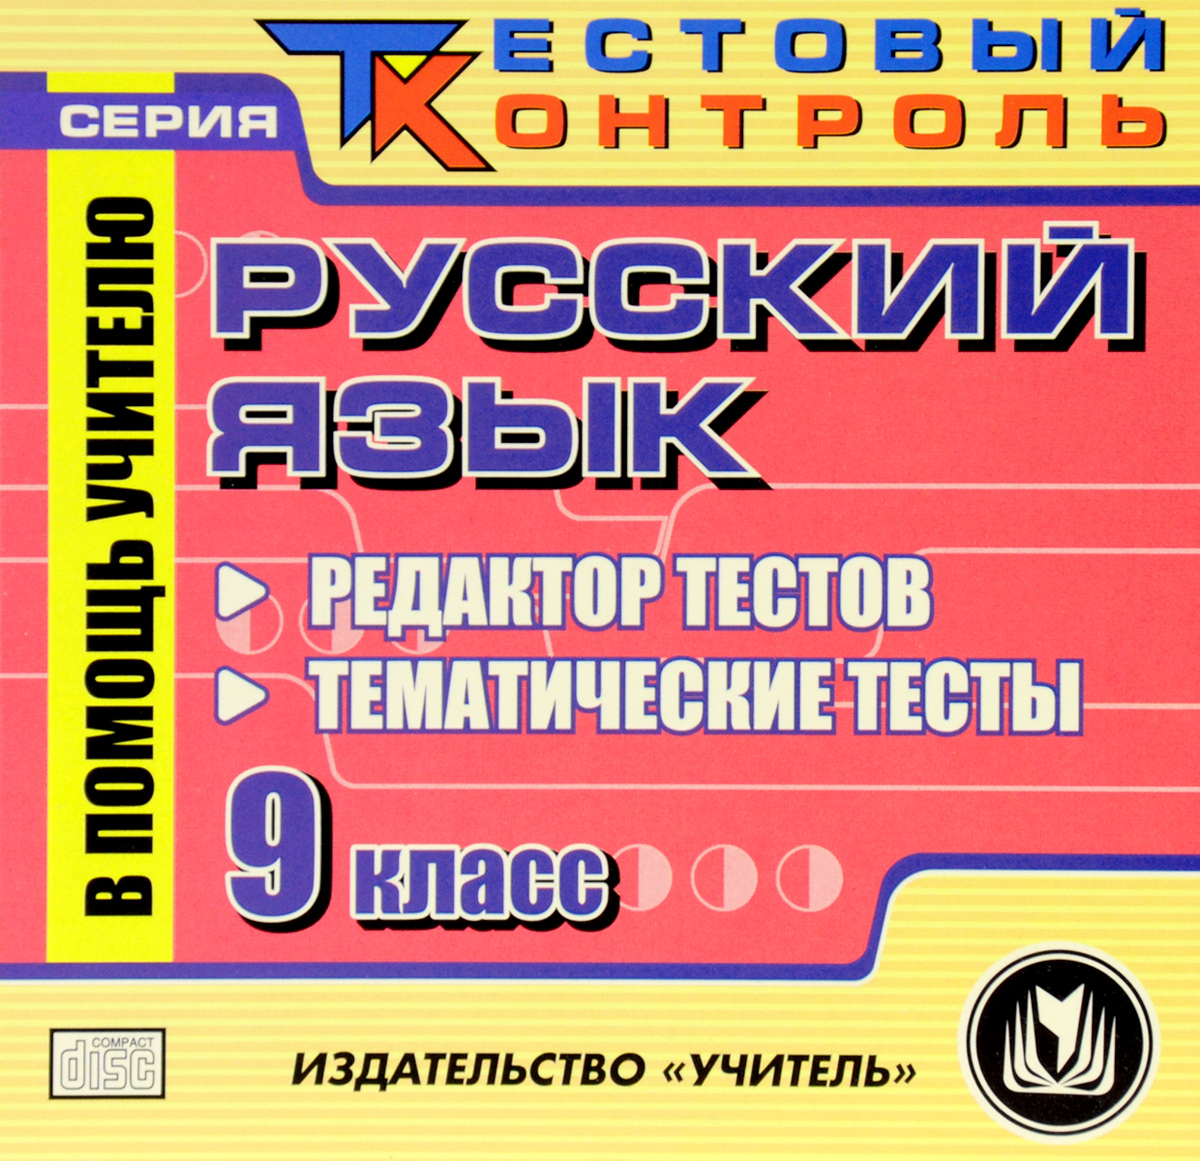 В помощь учителю. Русский язык. 9 класс. Редактор тестов. Тематические тесты